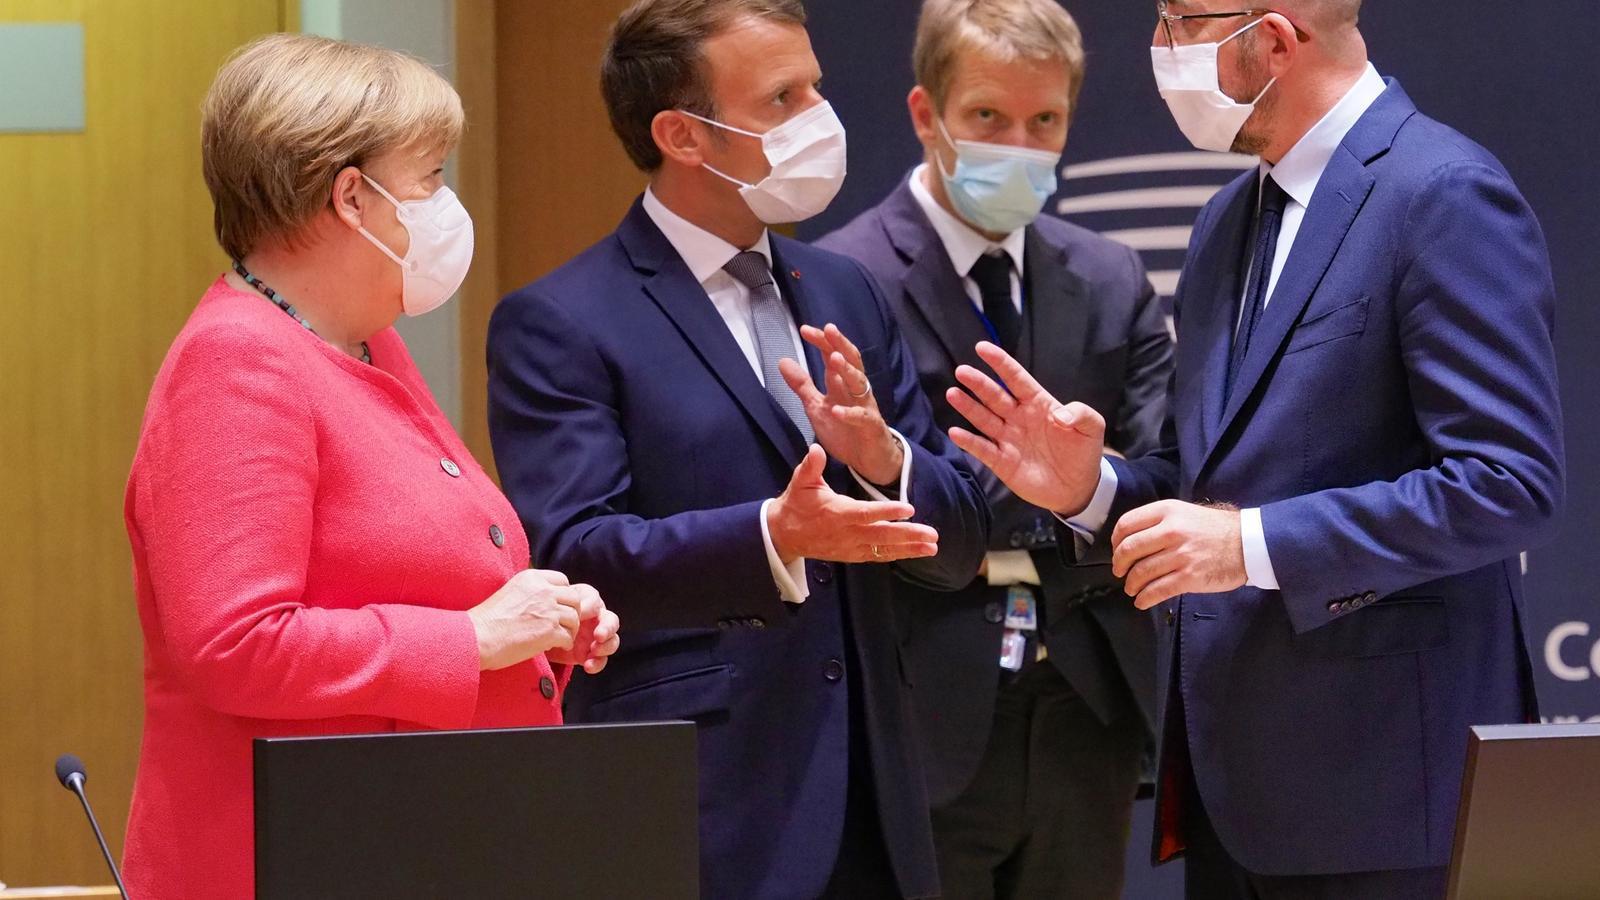 Guia per entendre què hi ha en joc a la cimera europea pel pla de recuperació